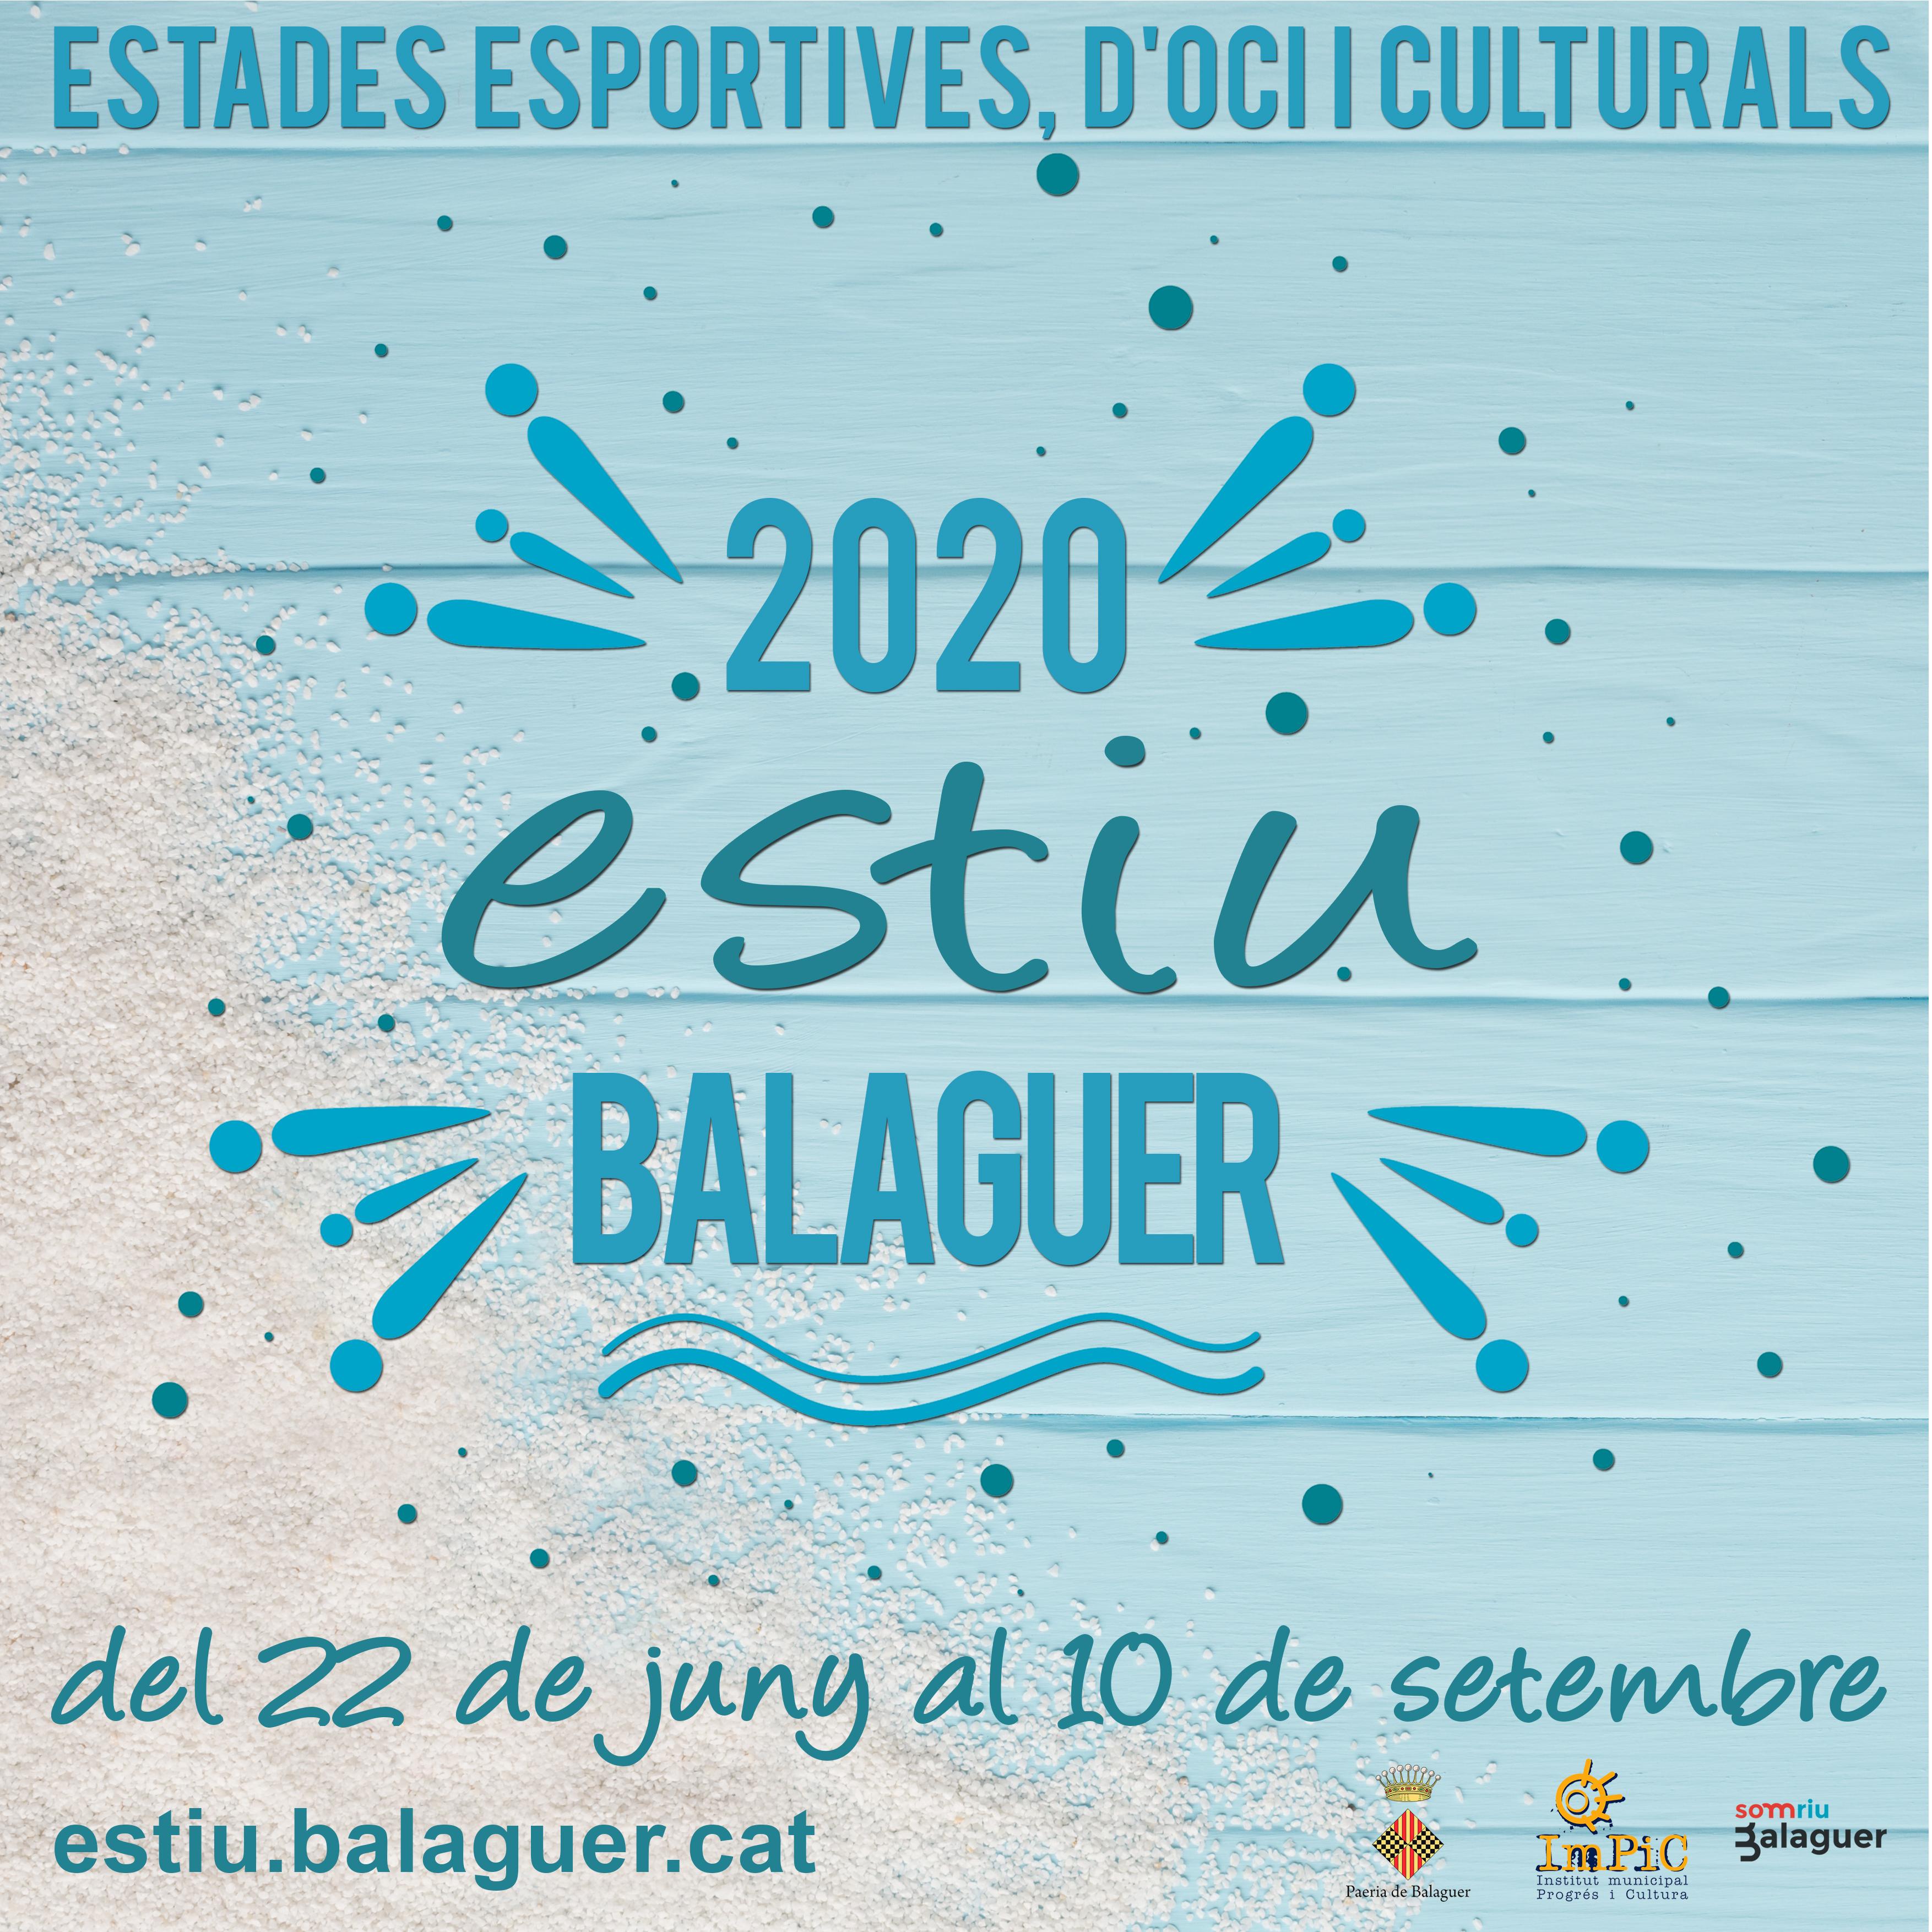 Balaguer prepara l'adaptació de les estades d'estiu a les noves mesures de seguretat i protocols